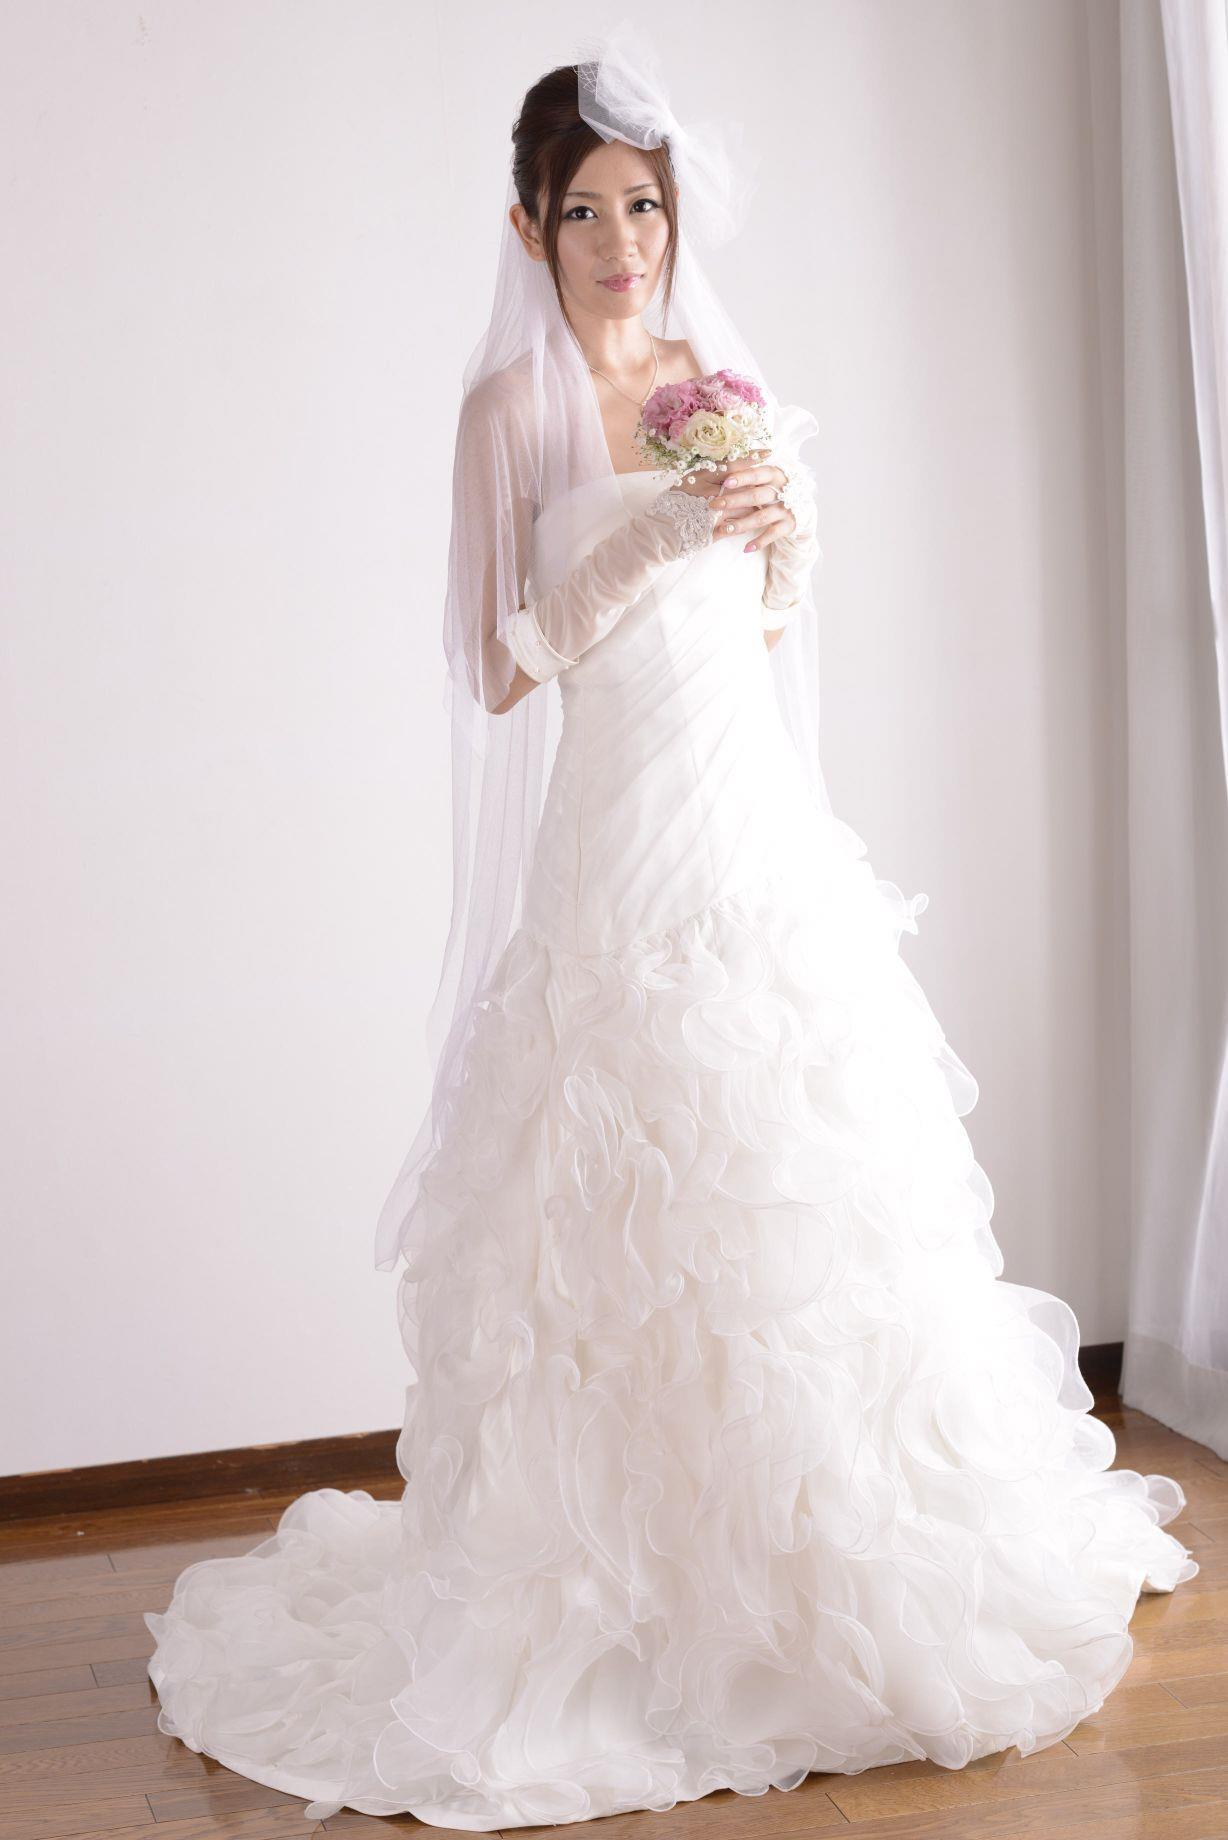 前田かおり ウェディングドレス画像 1